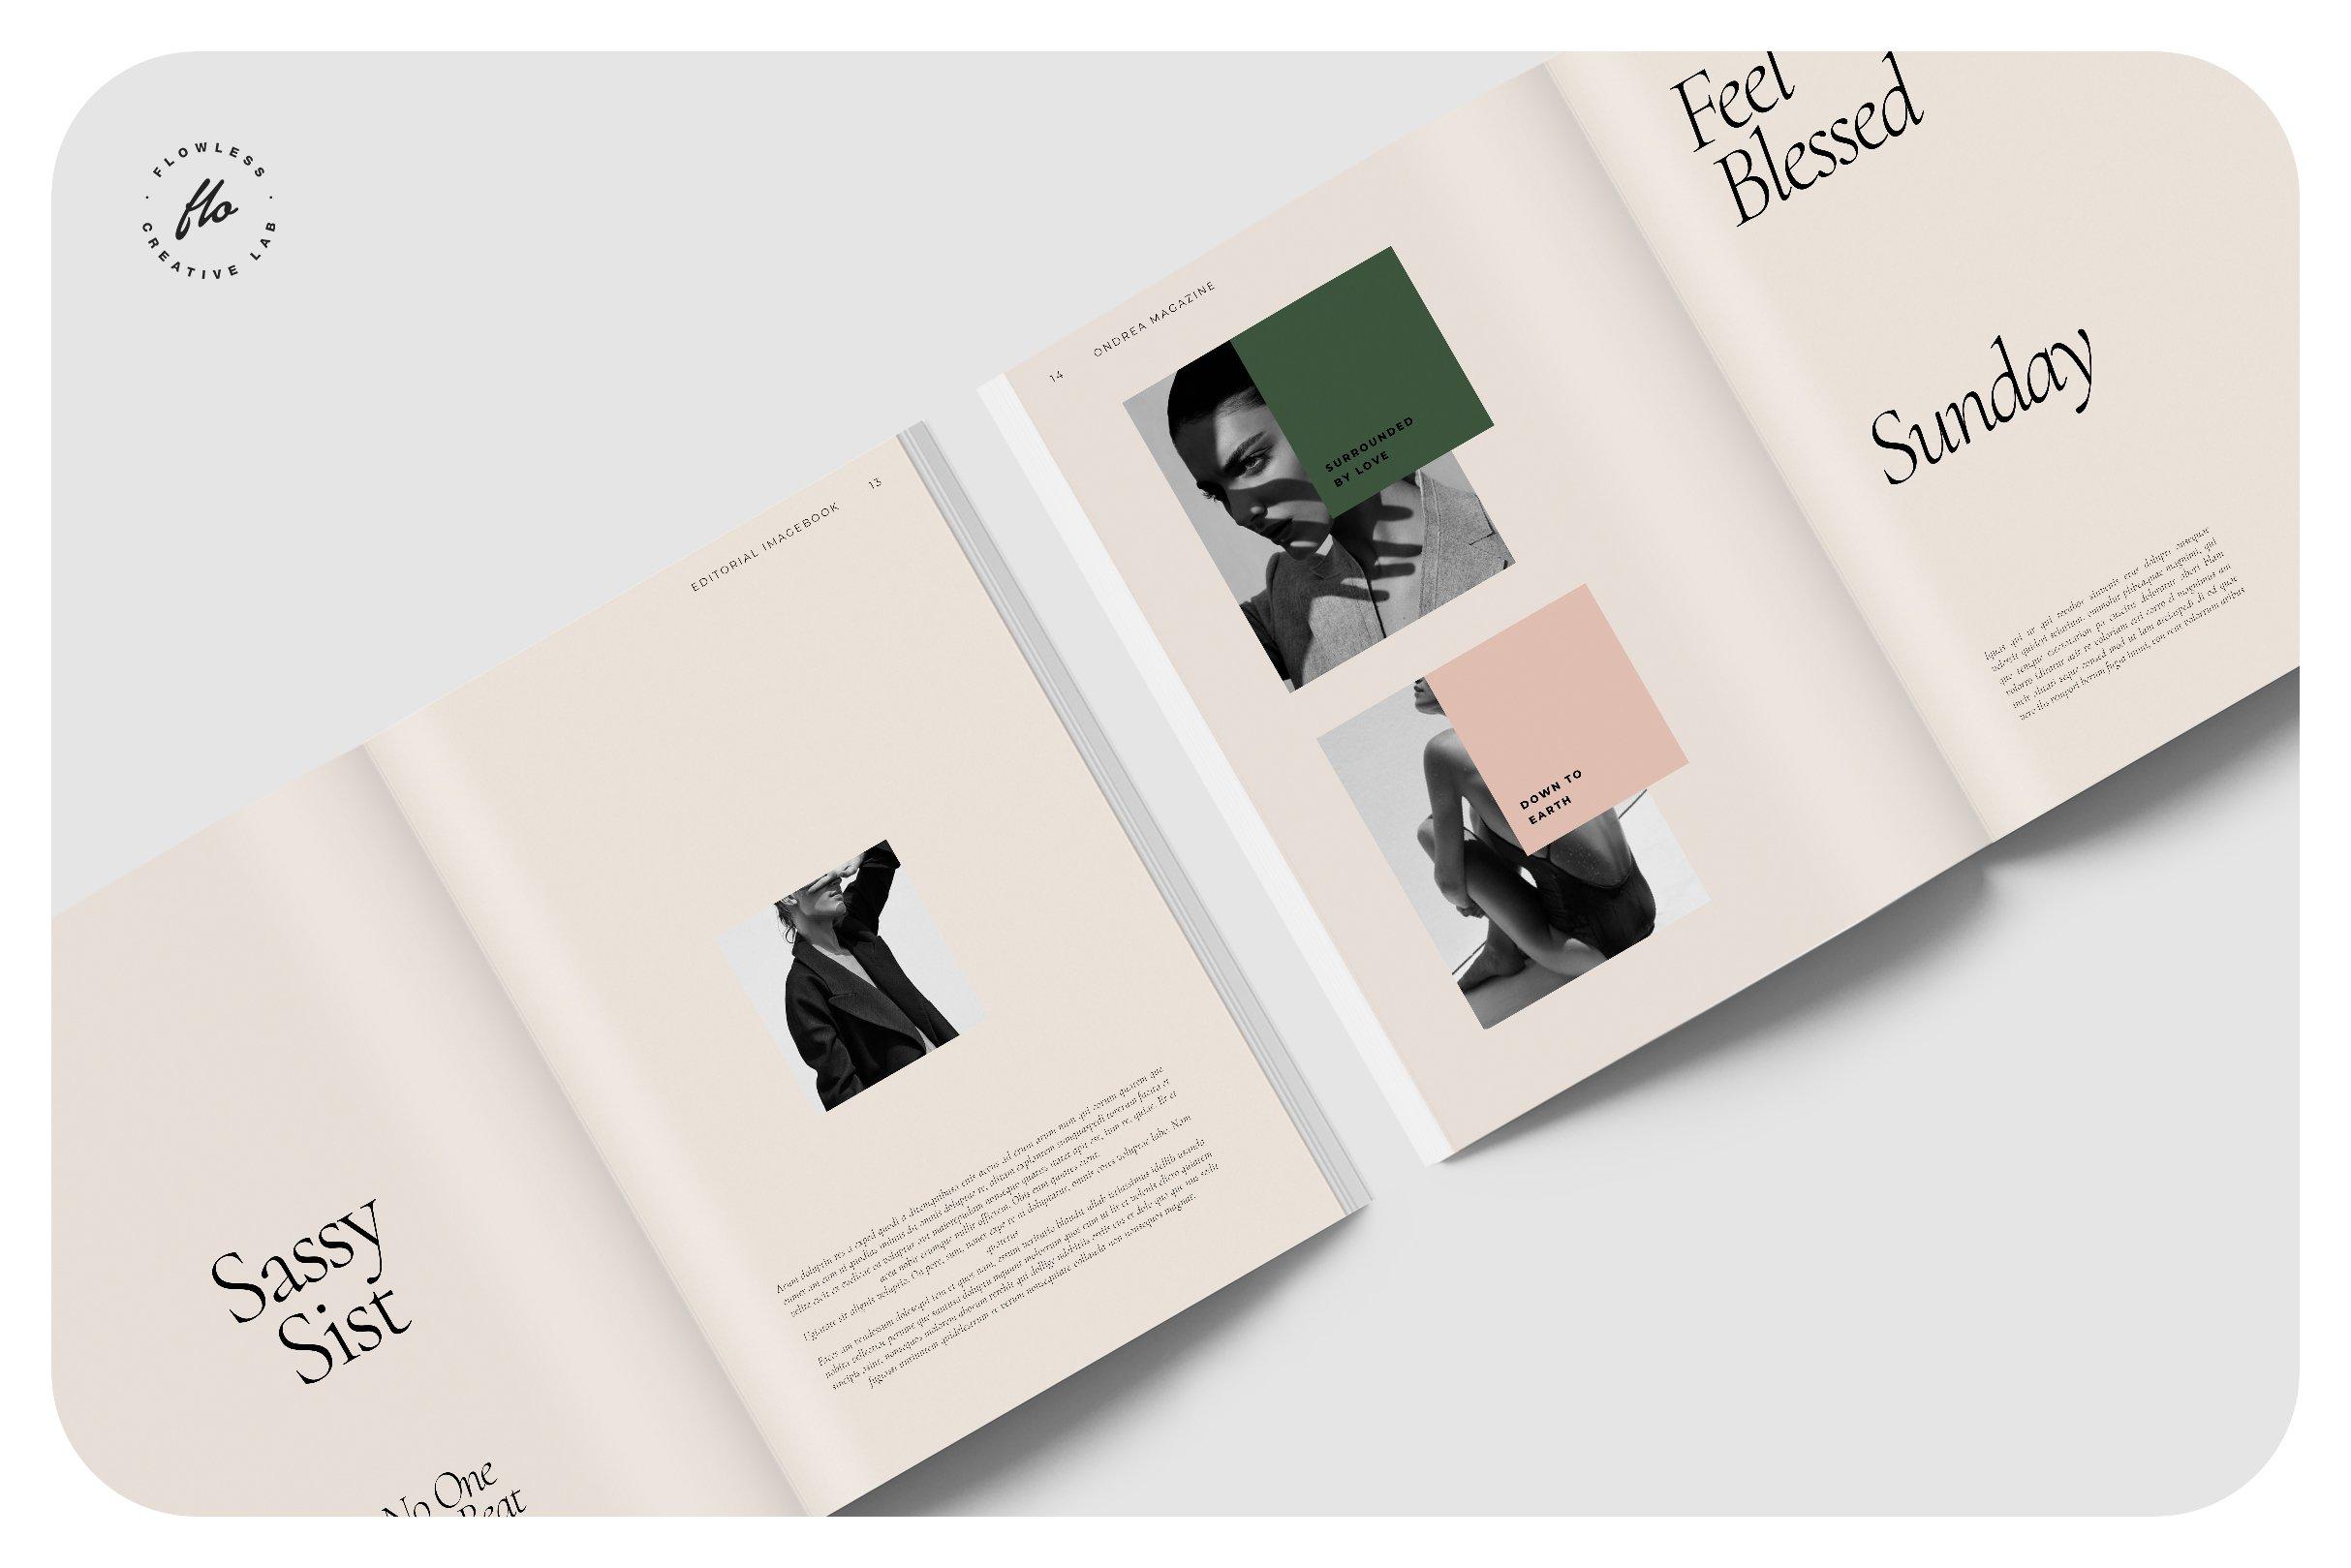 时尚服装设计作品集INDD画册模板 ONDREA Editorial Imagebook插图(2)